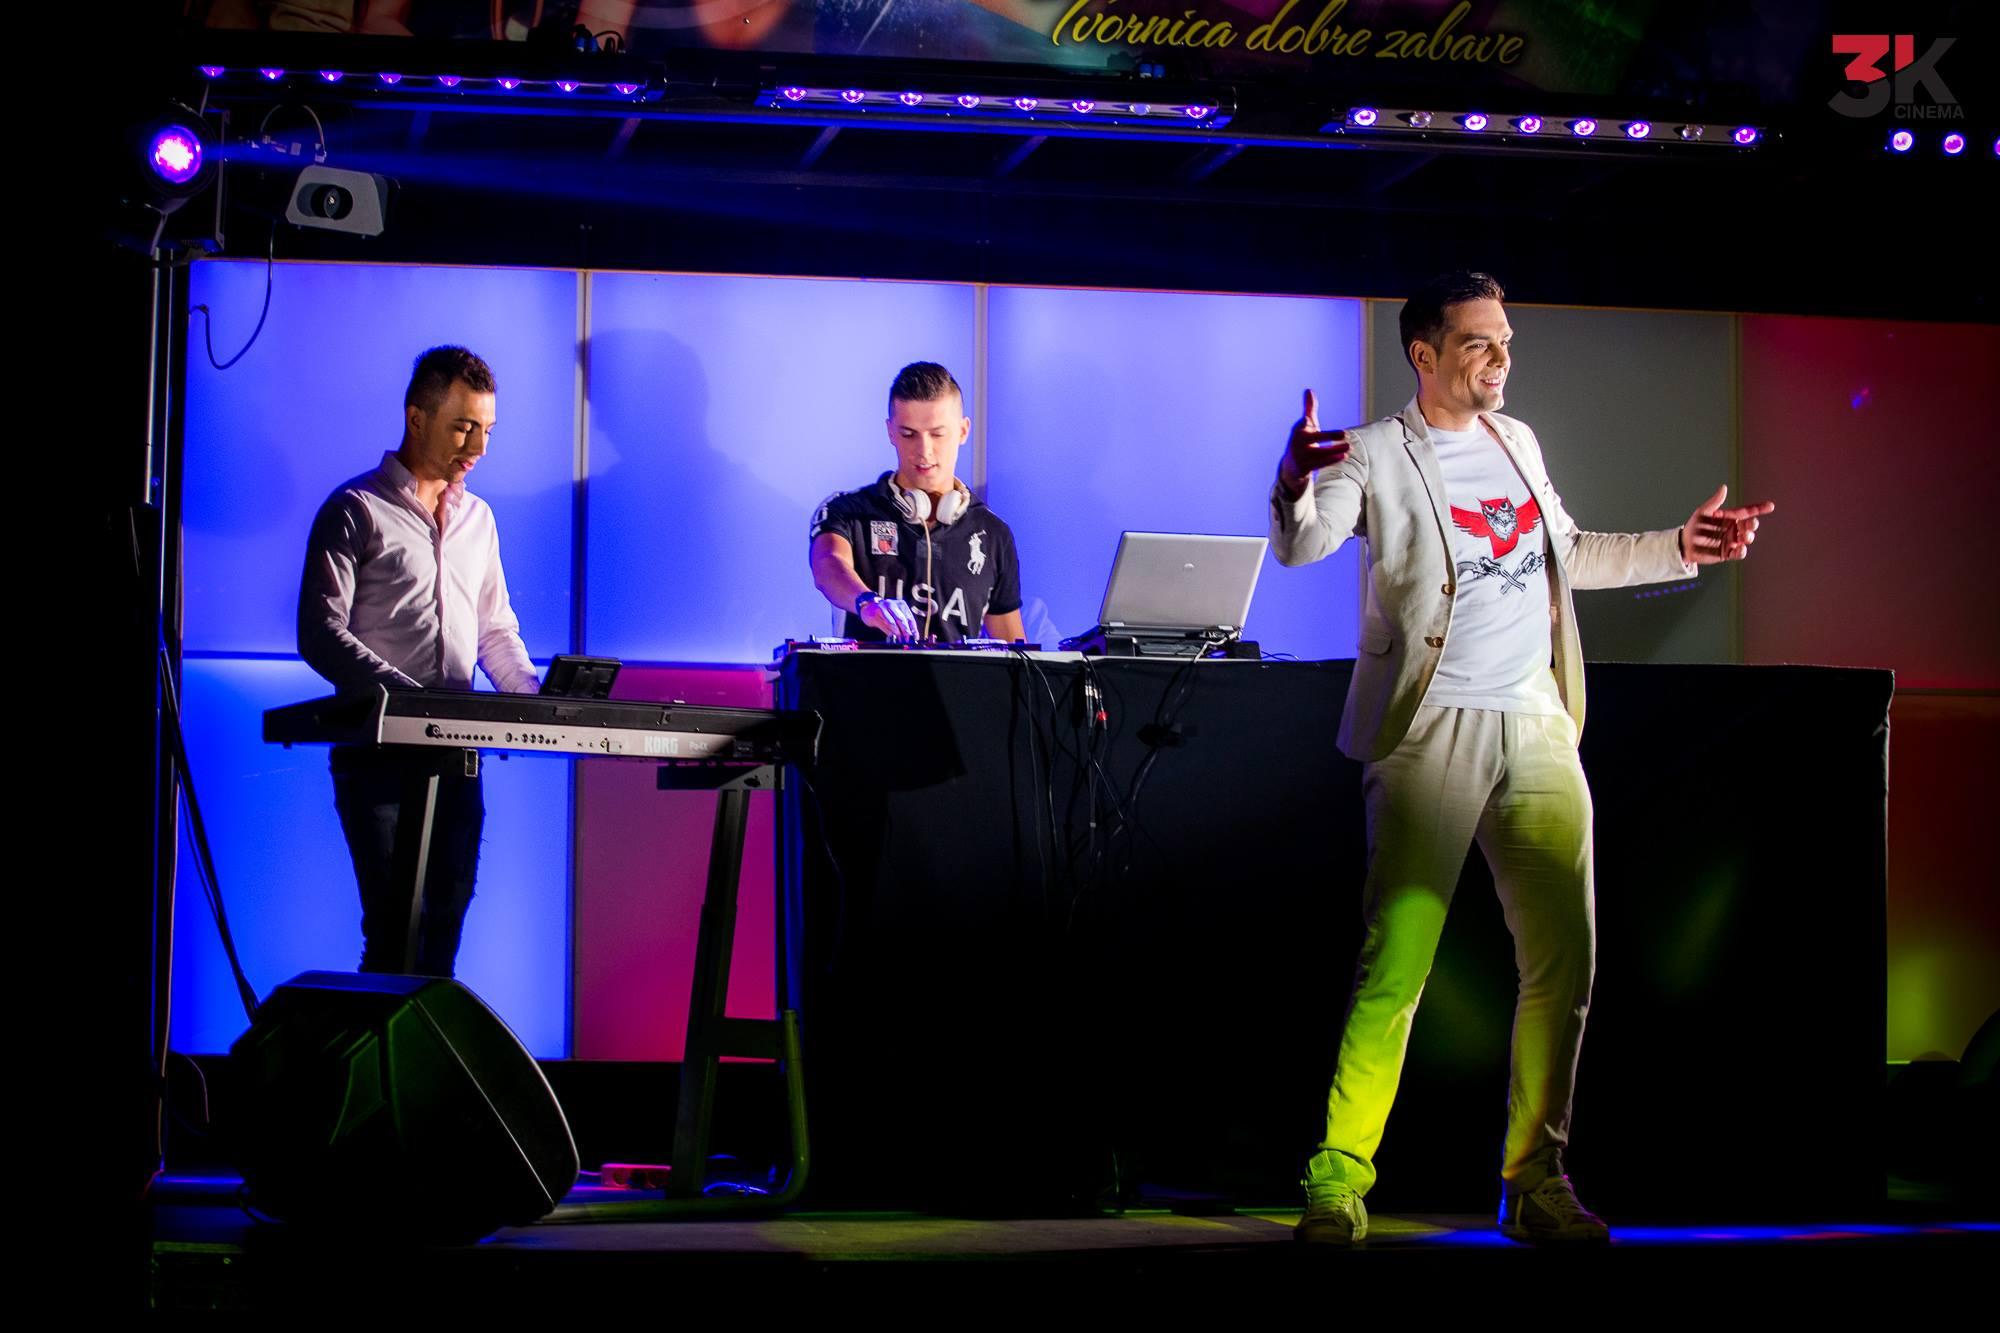 """Ivica Bago u suradnji s DJ Dachom objavio novi singl """"U klubu, luda noć""""!"""